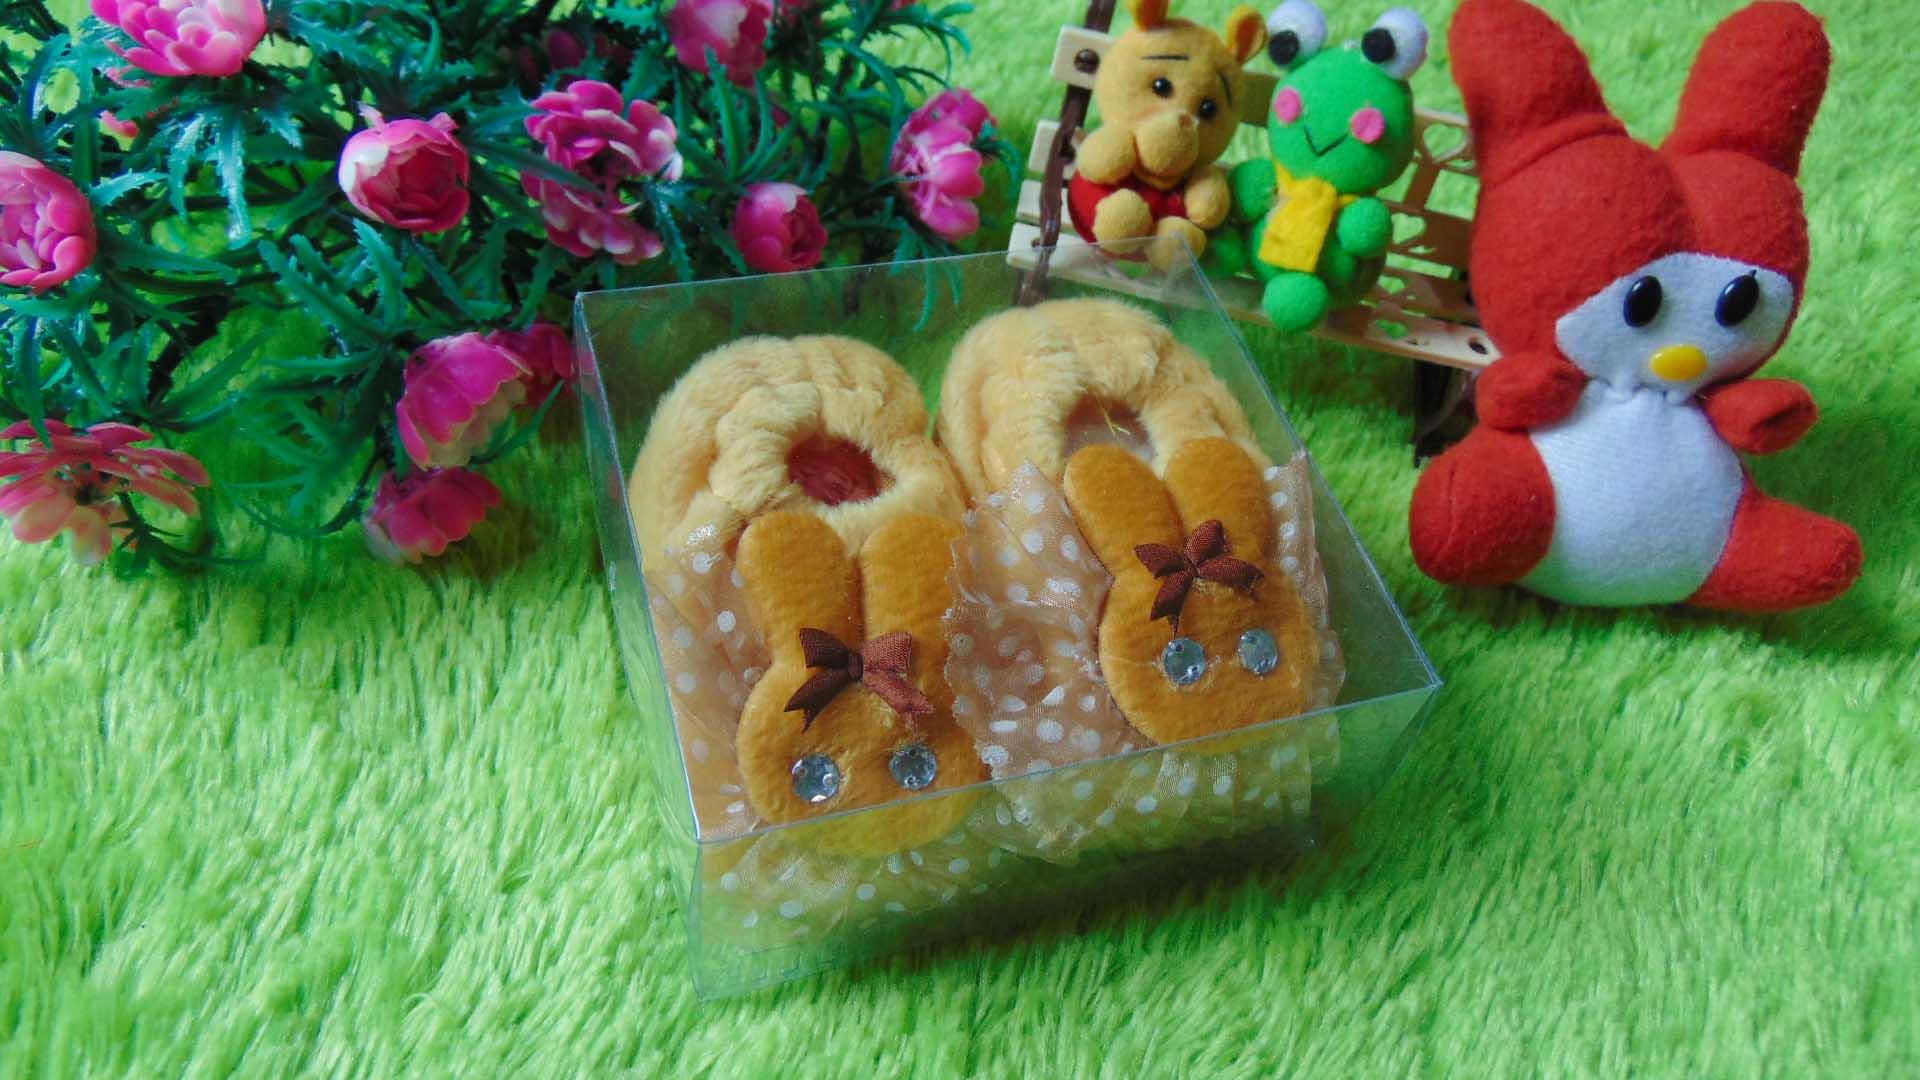 sepatu prewalker bayi newborn kelinci bulu cream Rp 29.000 muat untuk 0-6 bulan lucu dan imut untuk kado ada box mikanya,cocok untuk kado bayi (2)